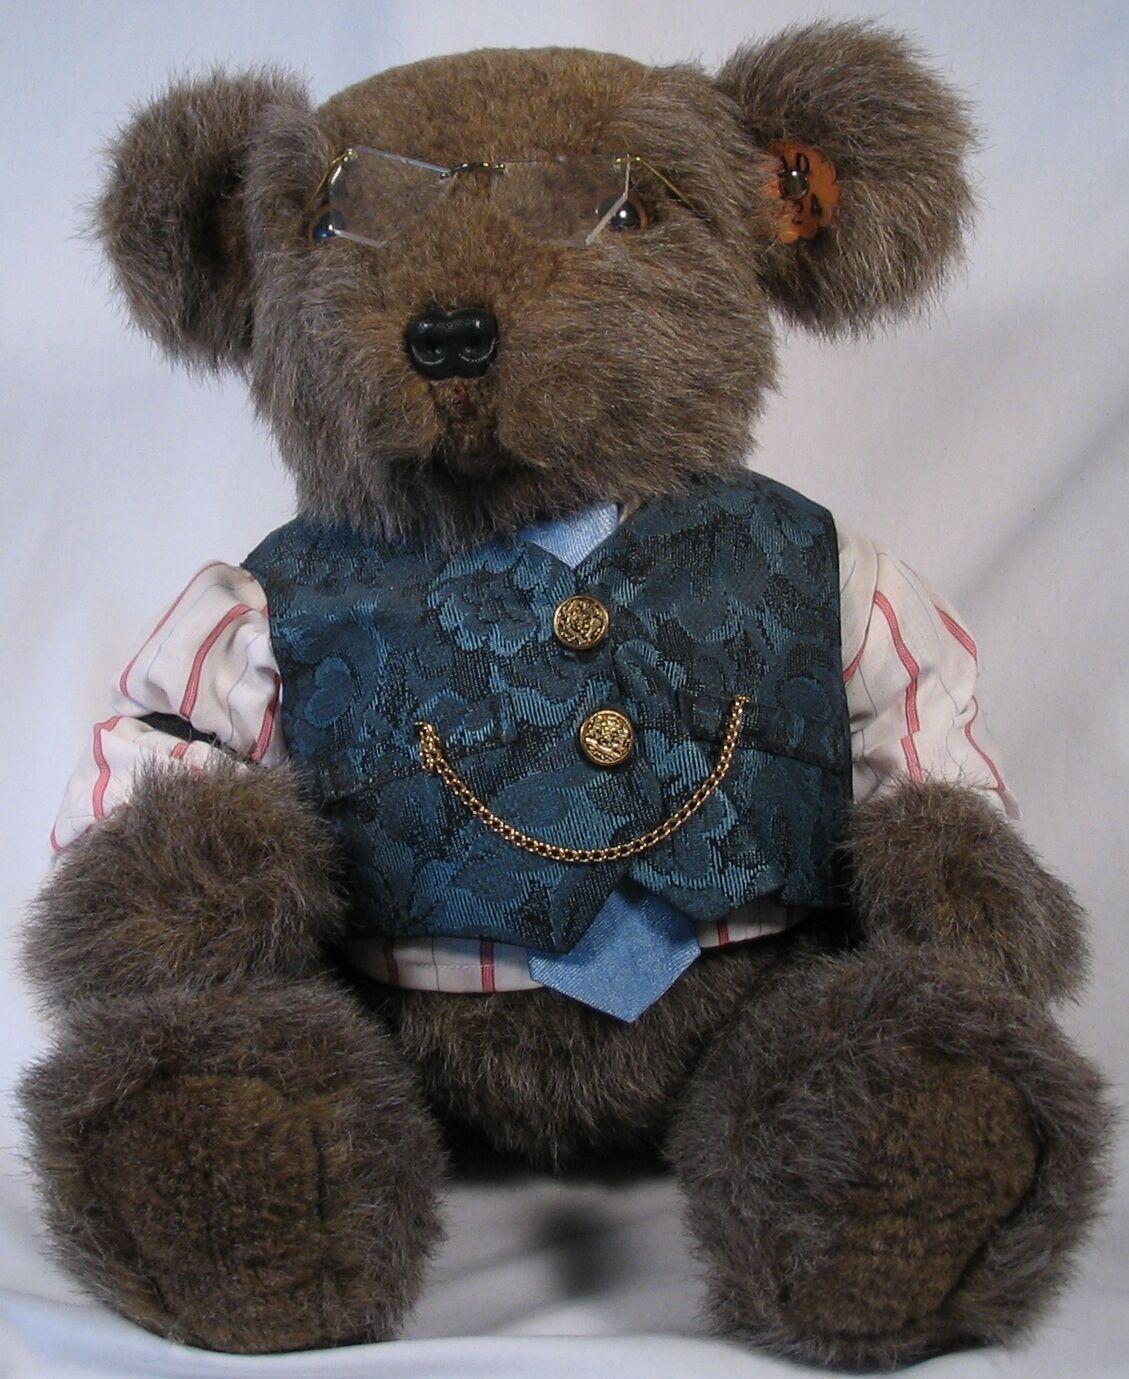 Gramps Bear, Bellissimoly hand made wears glasses & vest